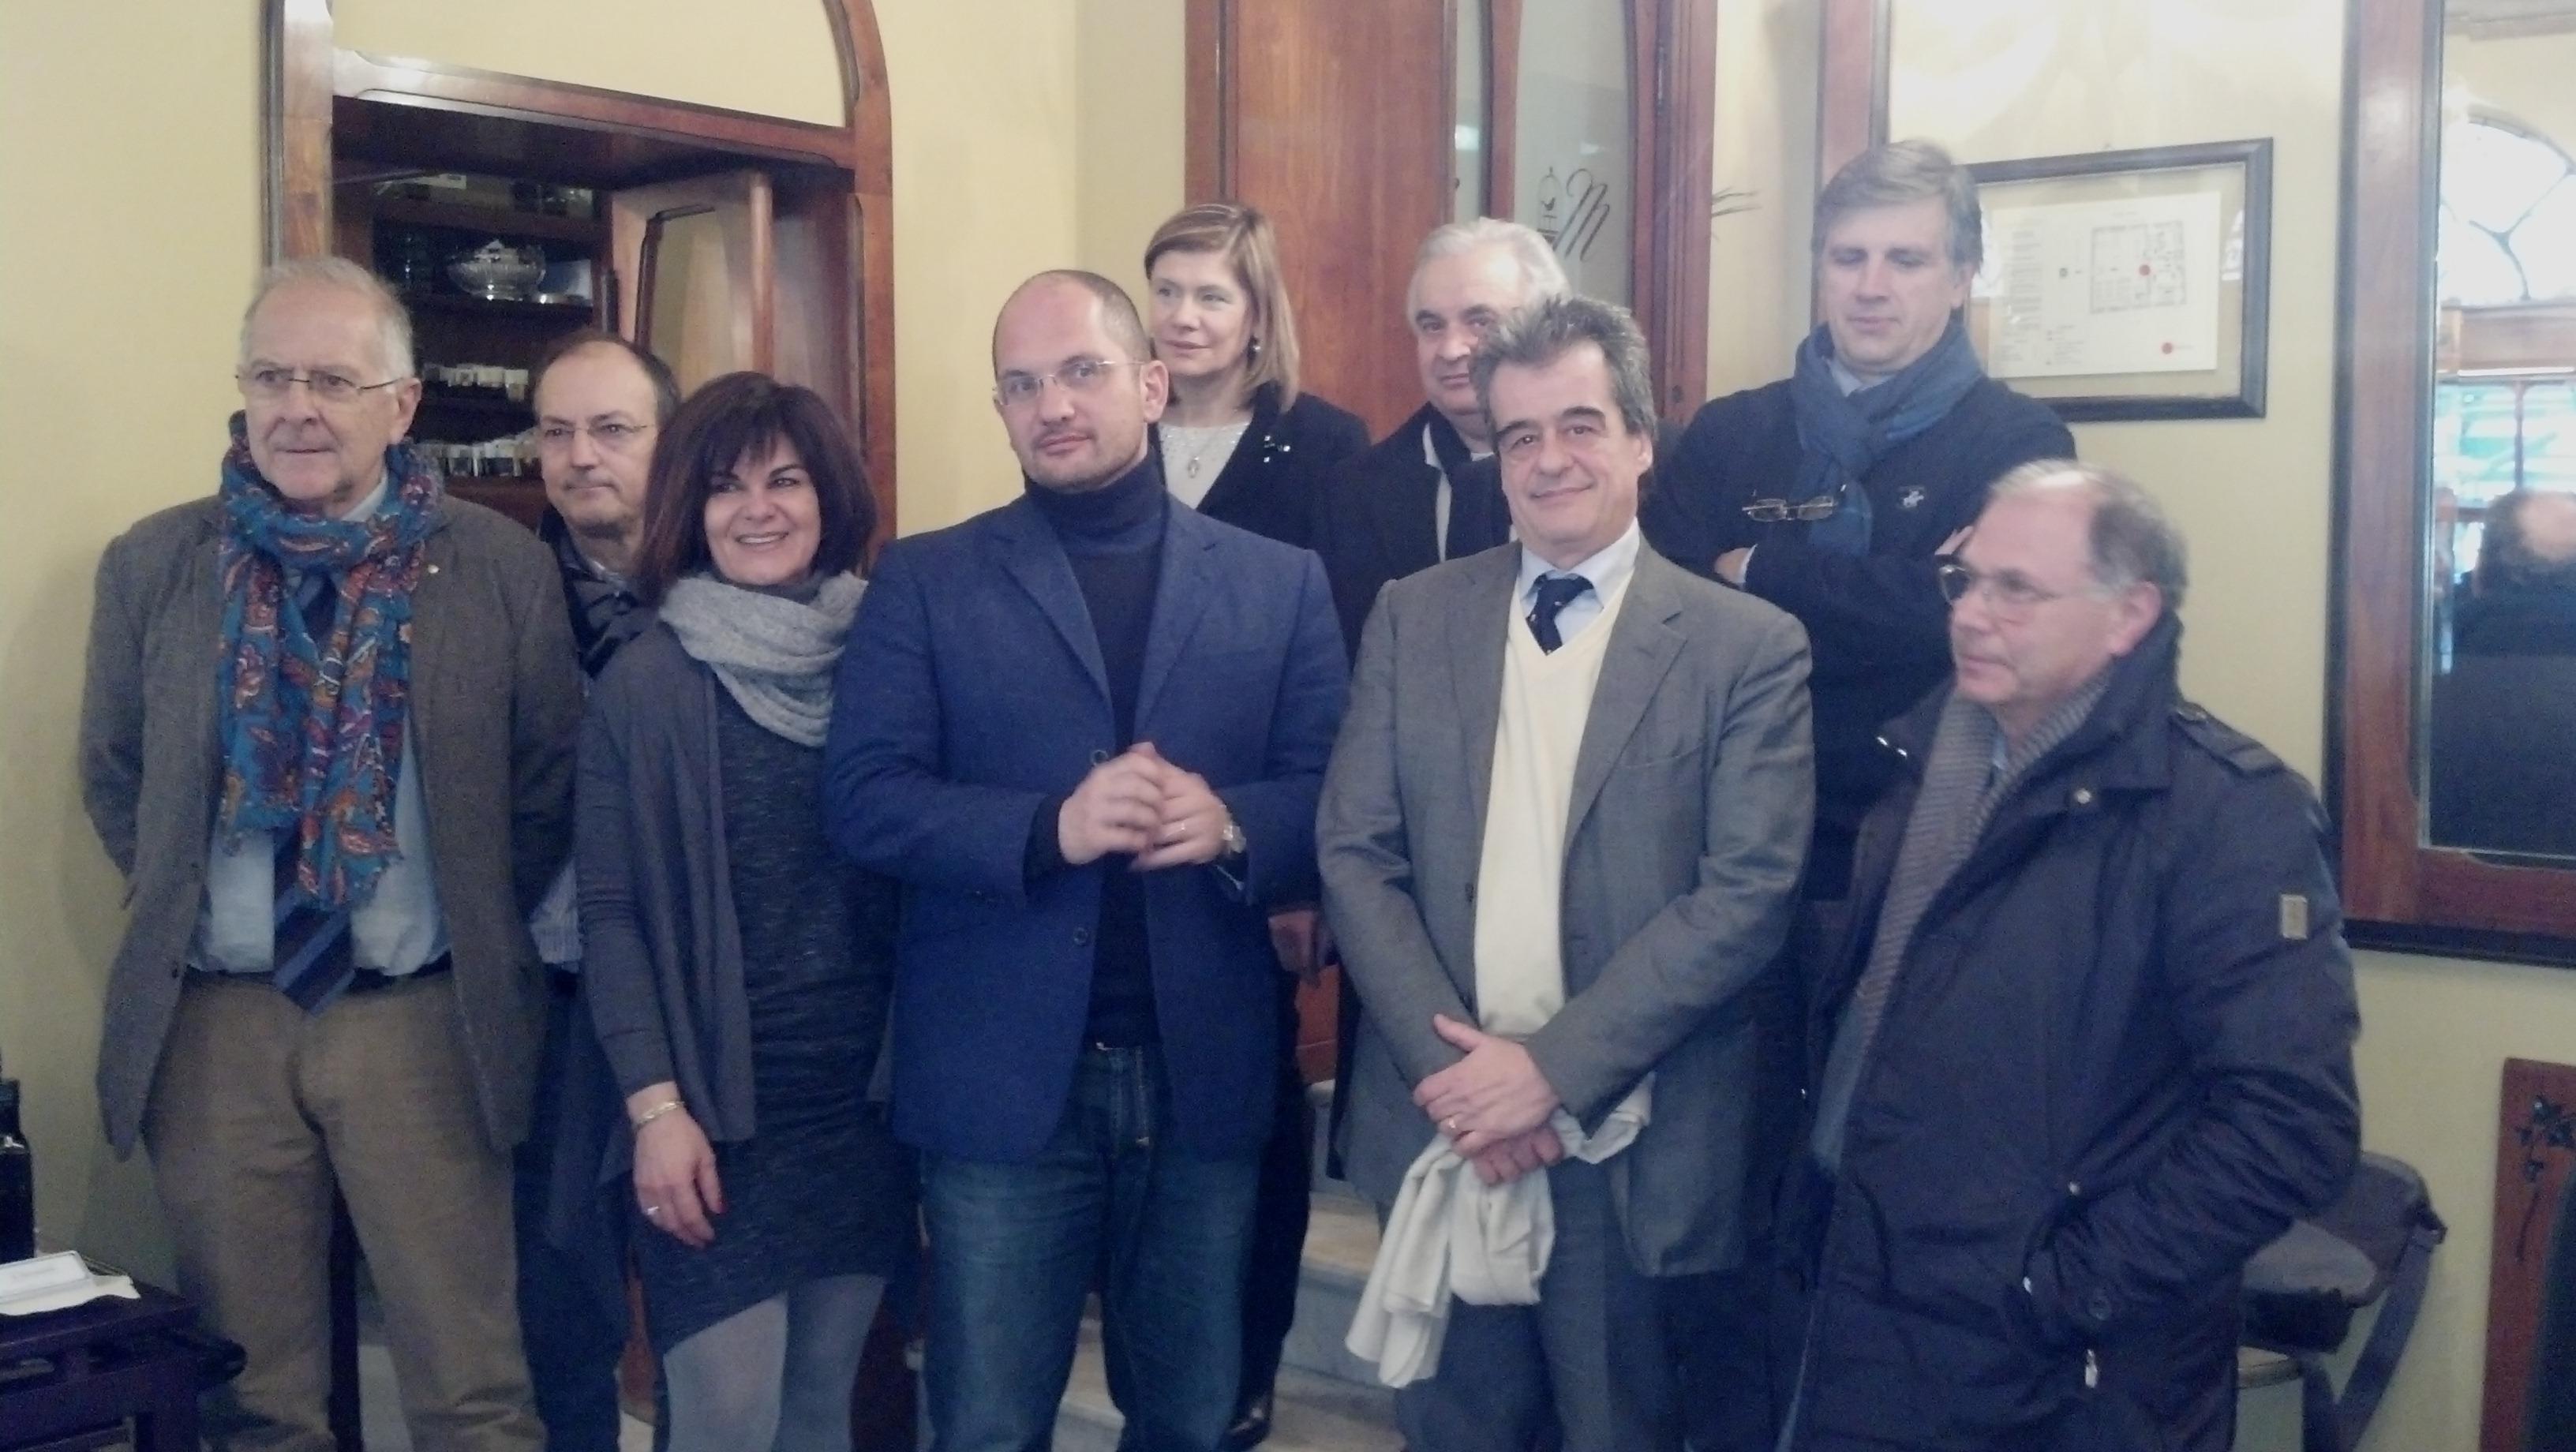 Il gruppo di soci di Ecoinnova col sindaco Castelli, l'assessore Tega e il presidente di Ascoli Servizi Comunali Mariotti